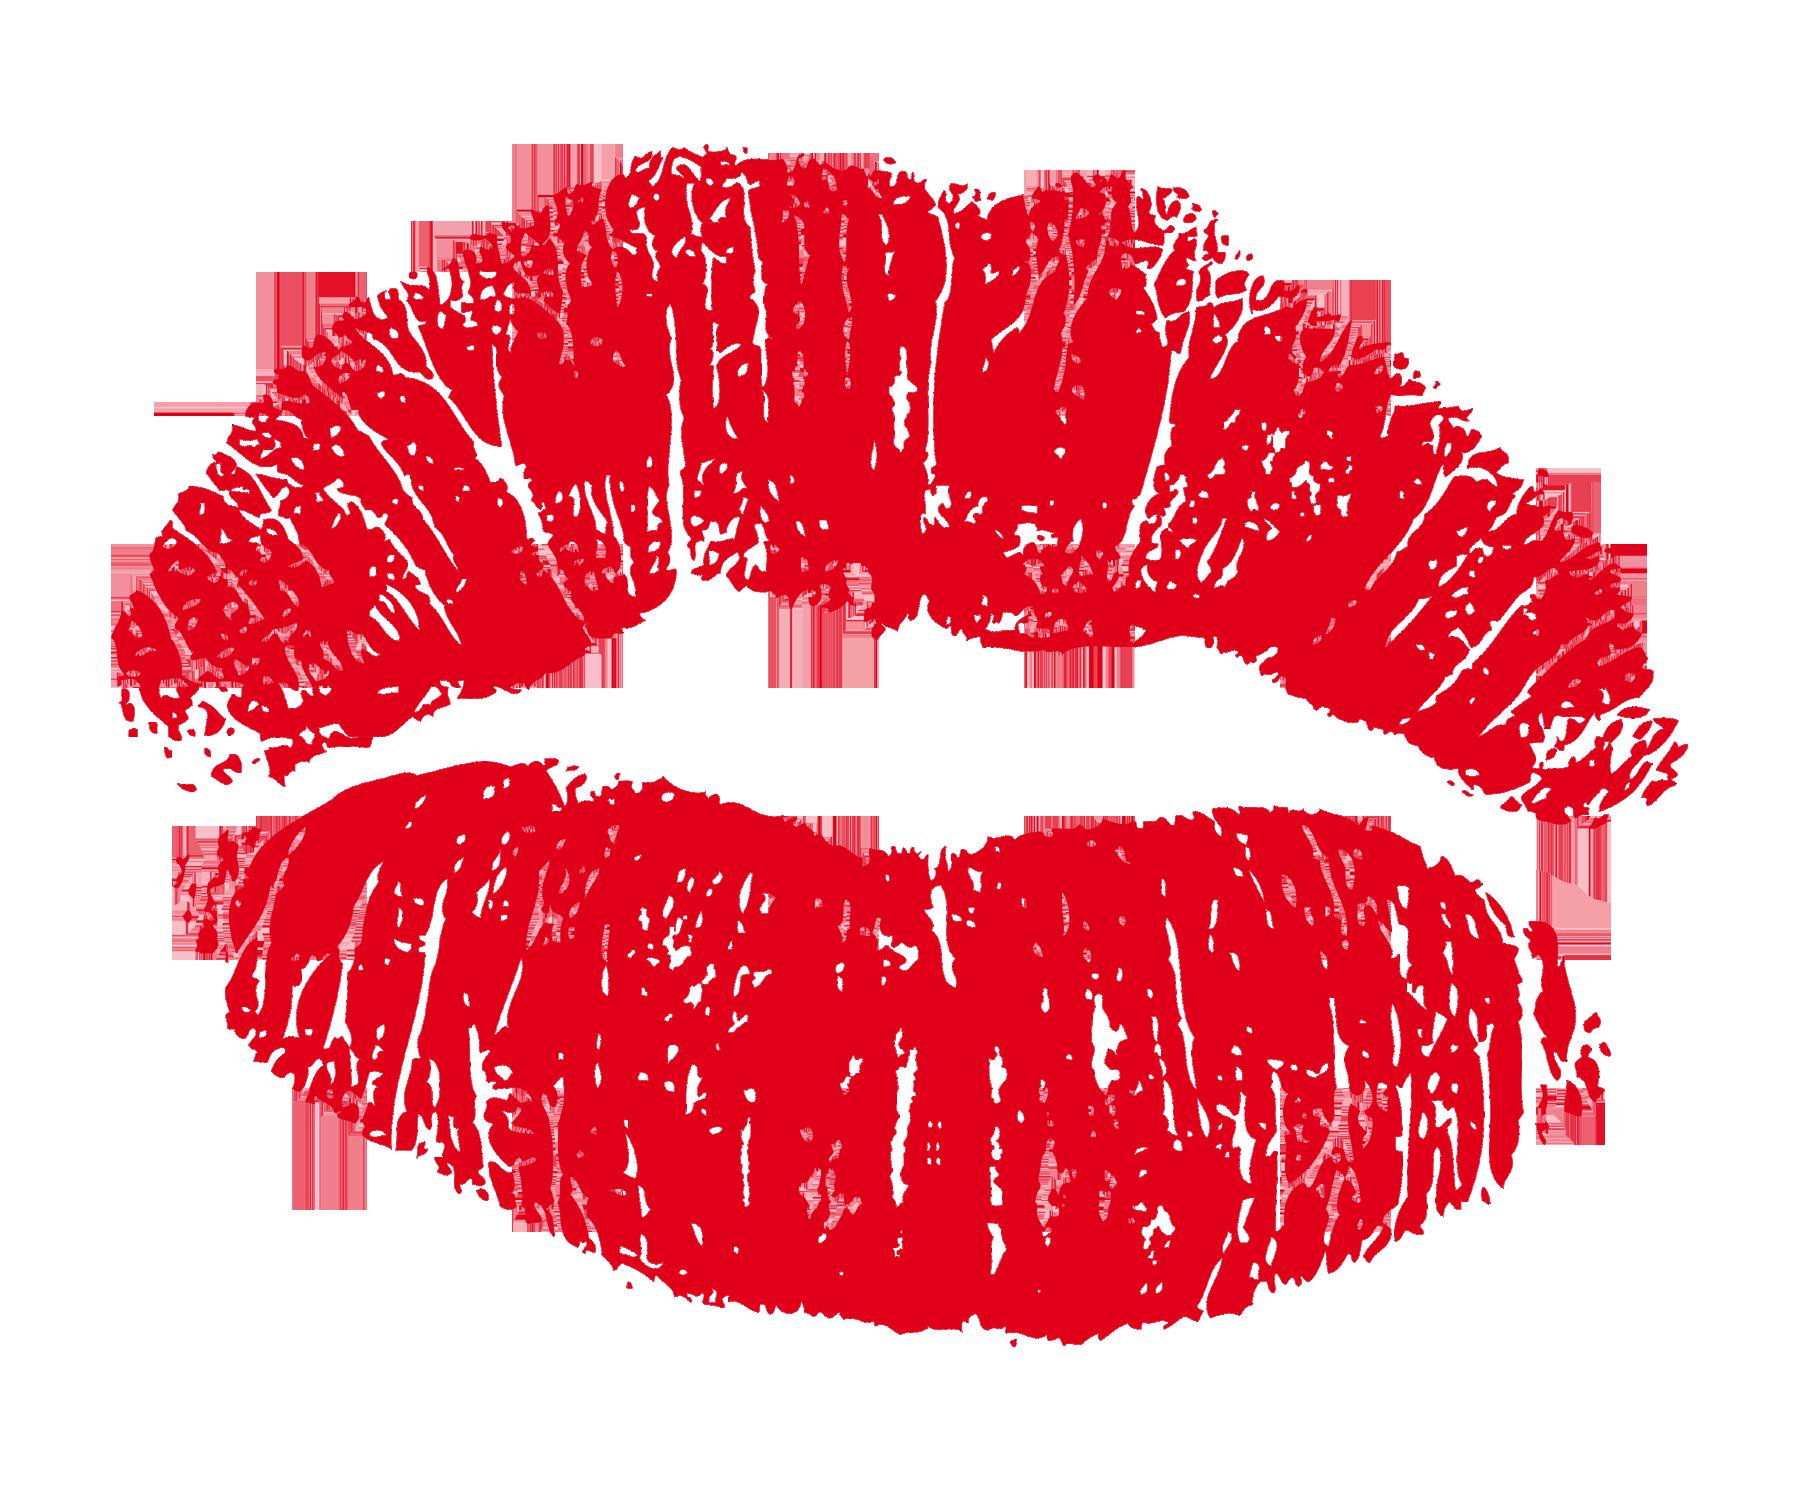 картинки с губами поцелуями могут посетить даже